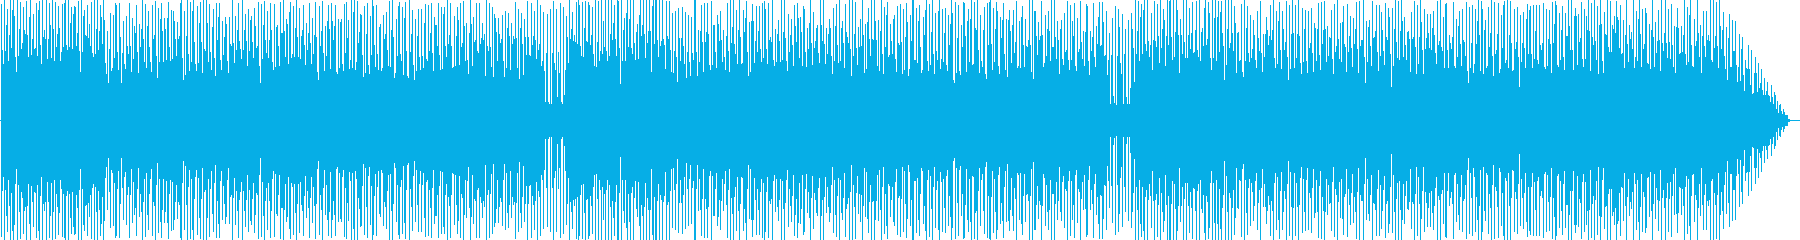 パンフルートがメインのハネている曲の再生済みの波形